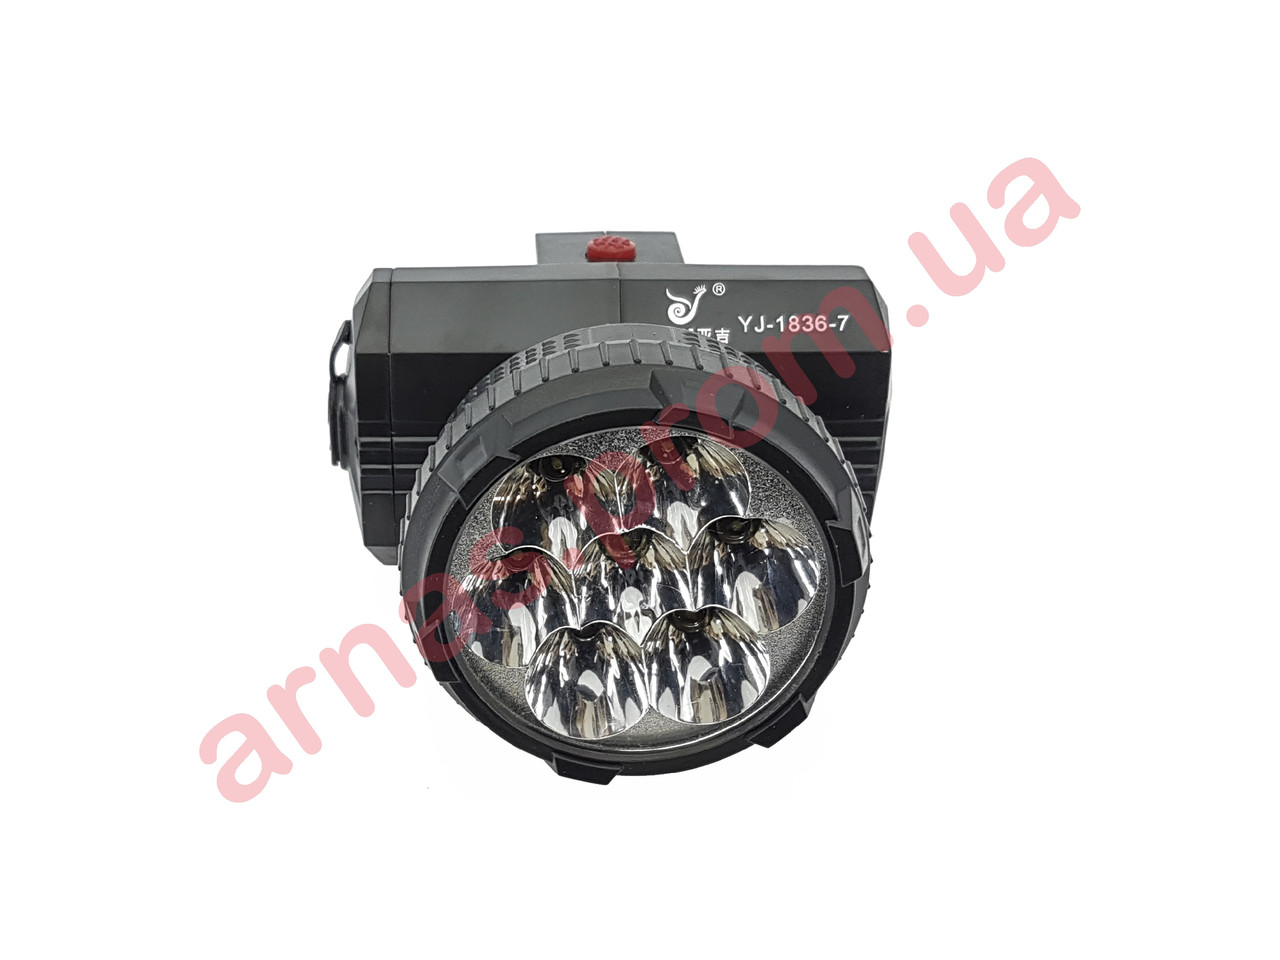 Аккумуляторный налобный фонарь Yajia YJ-1836-7